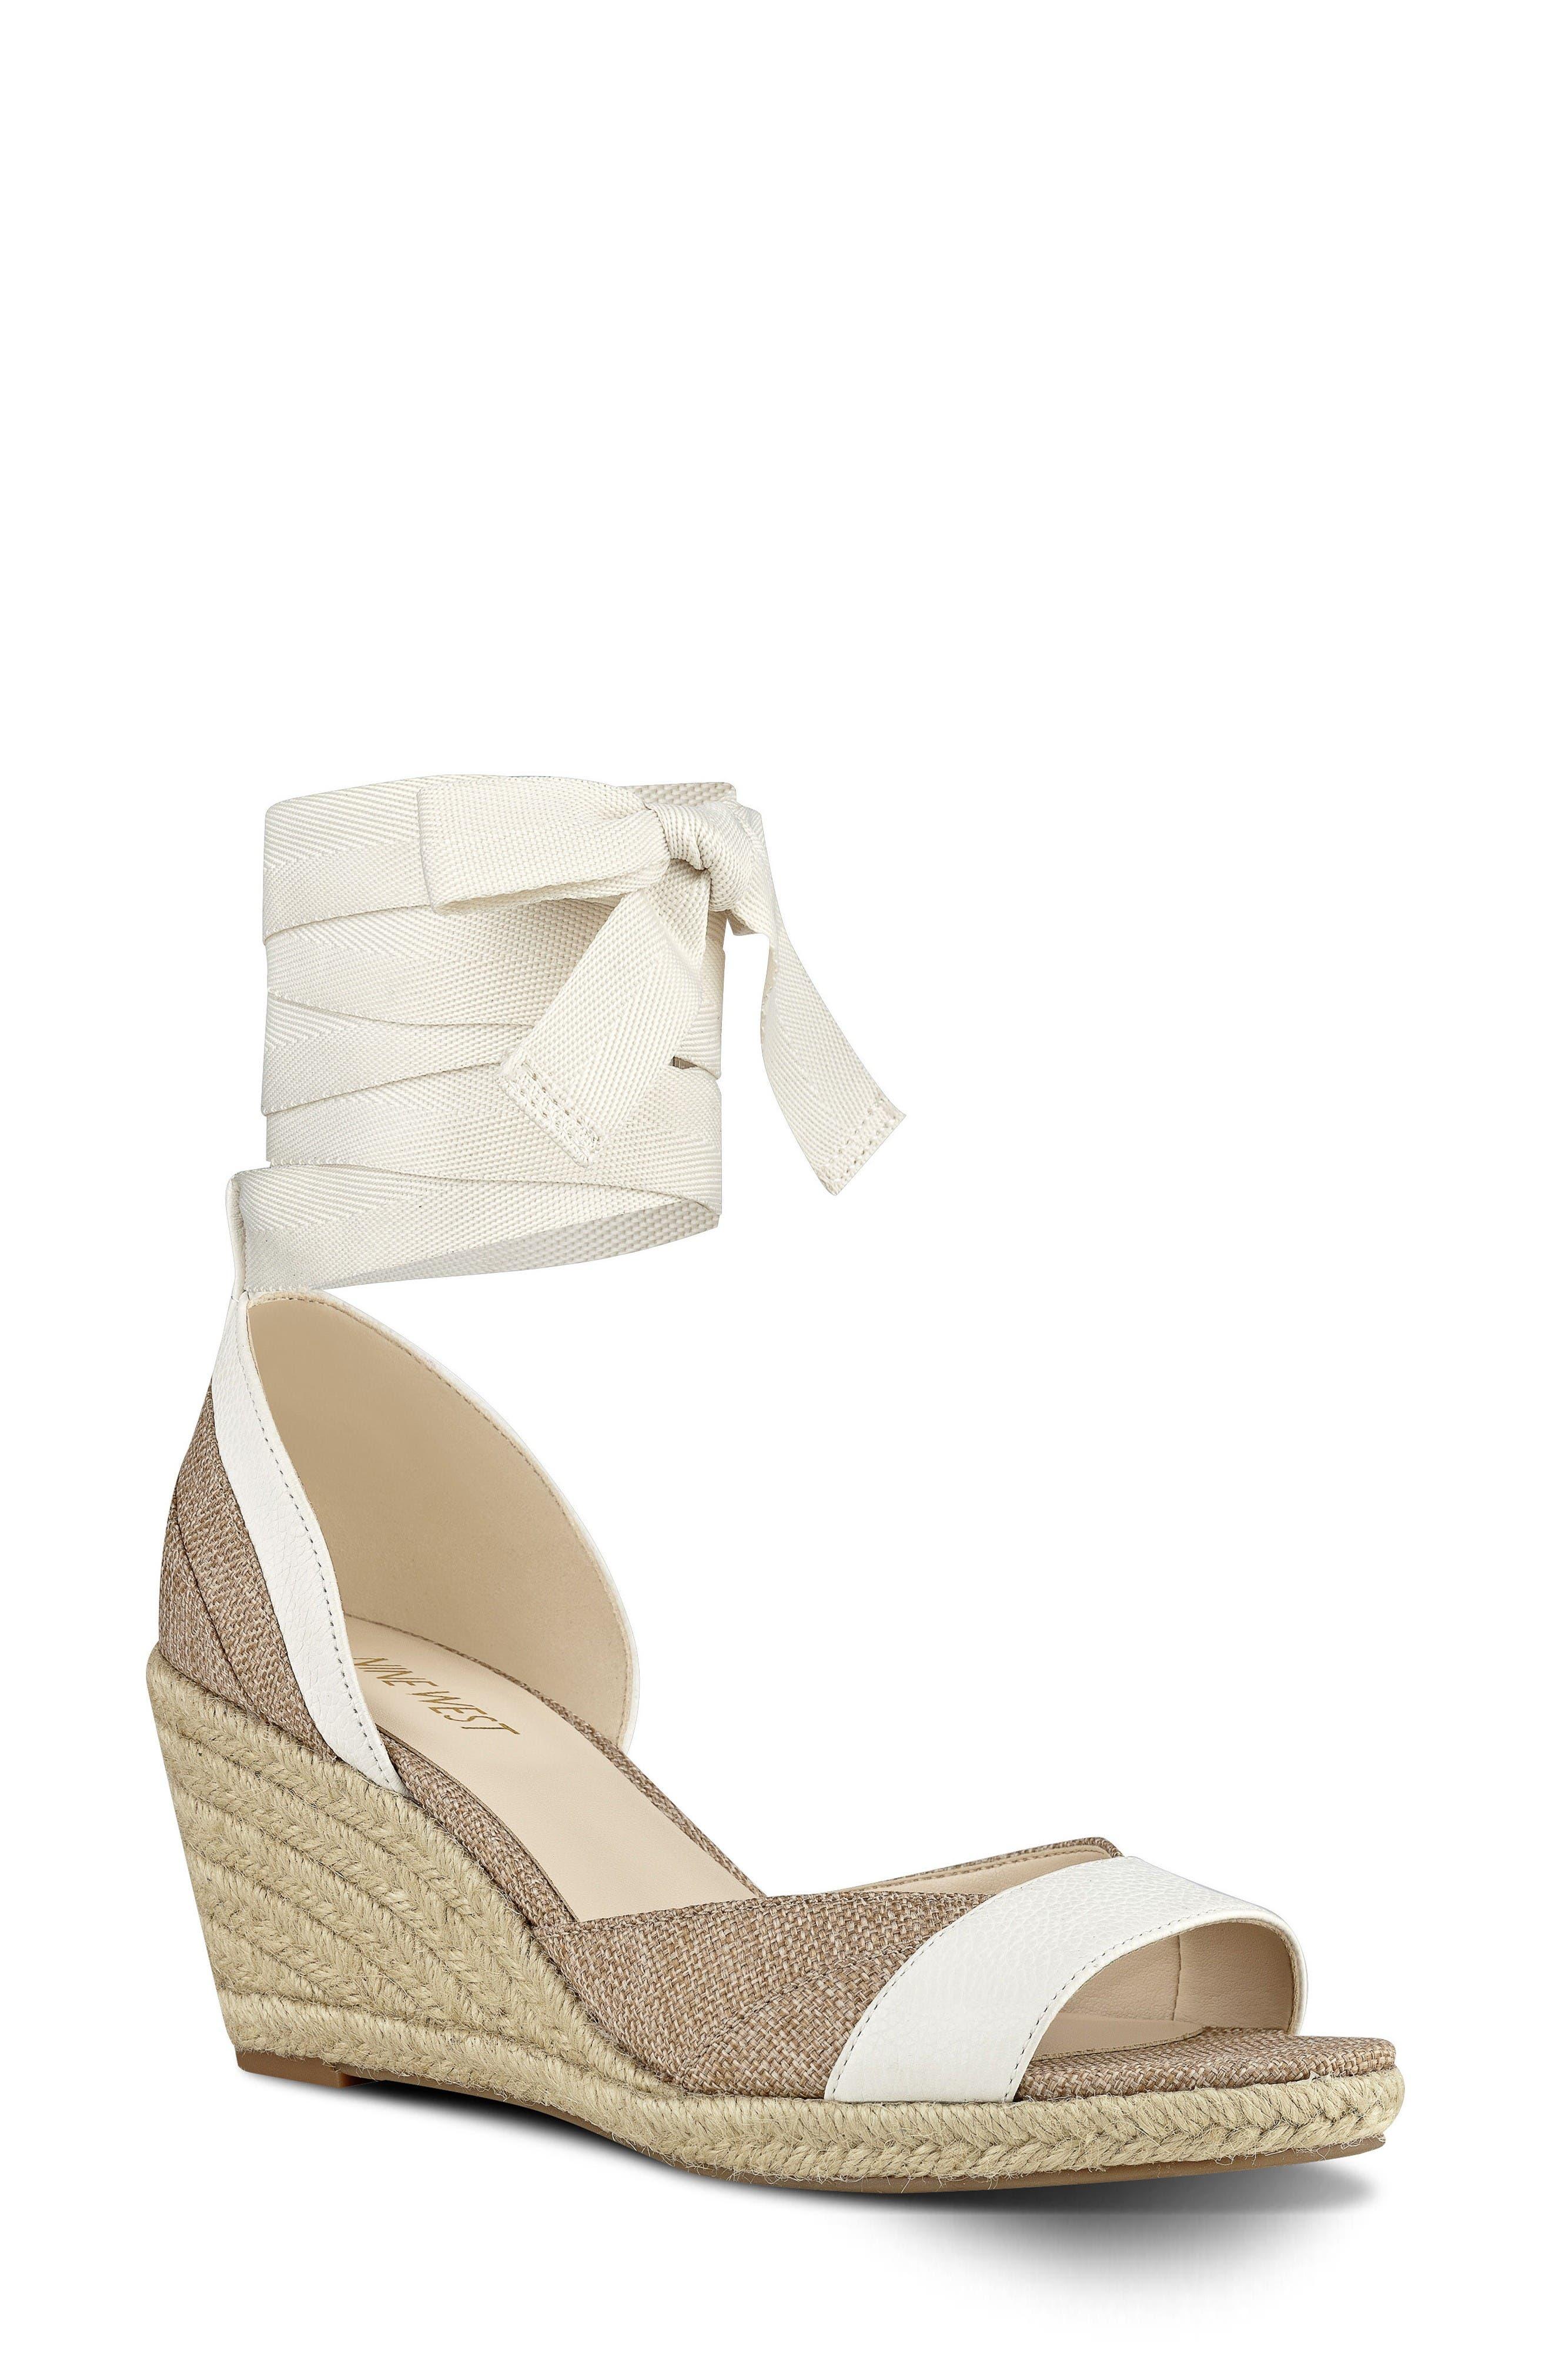 Alternate Image 1 Selected - Nine West Jaxel Ankle Tie Wedge Sandal (Women)